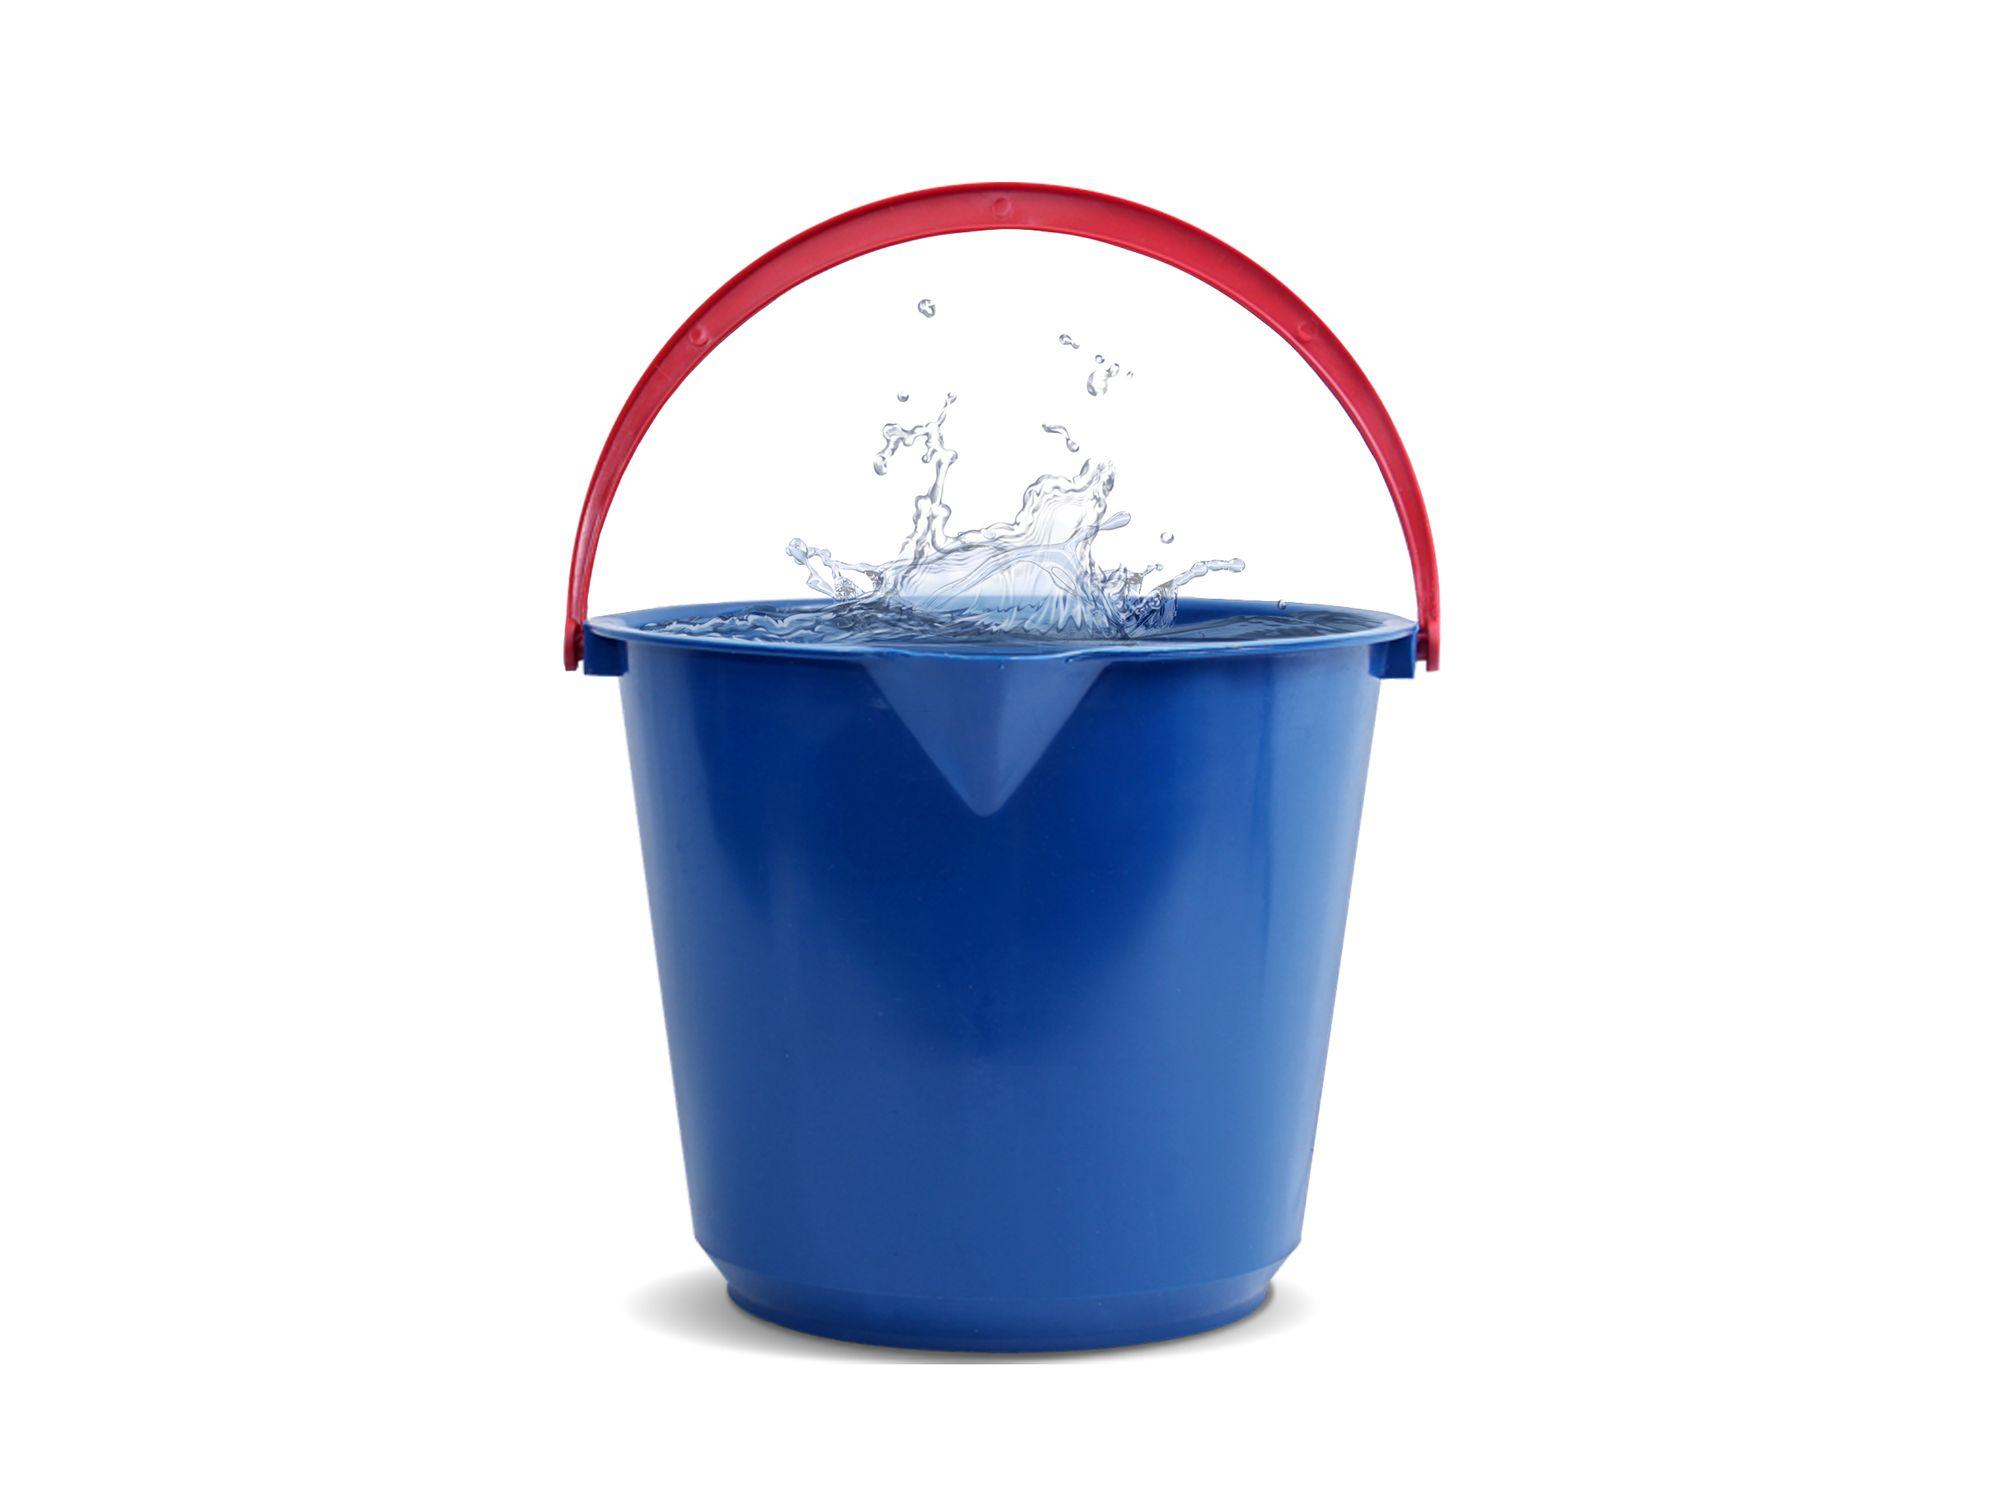 Μπλε κουβάς με νερό που σχεδόν ξεχειλίζει